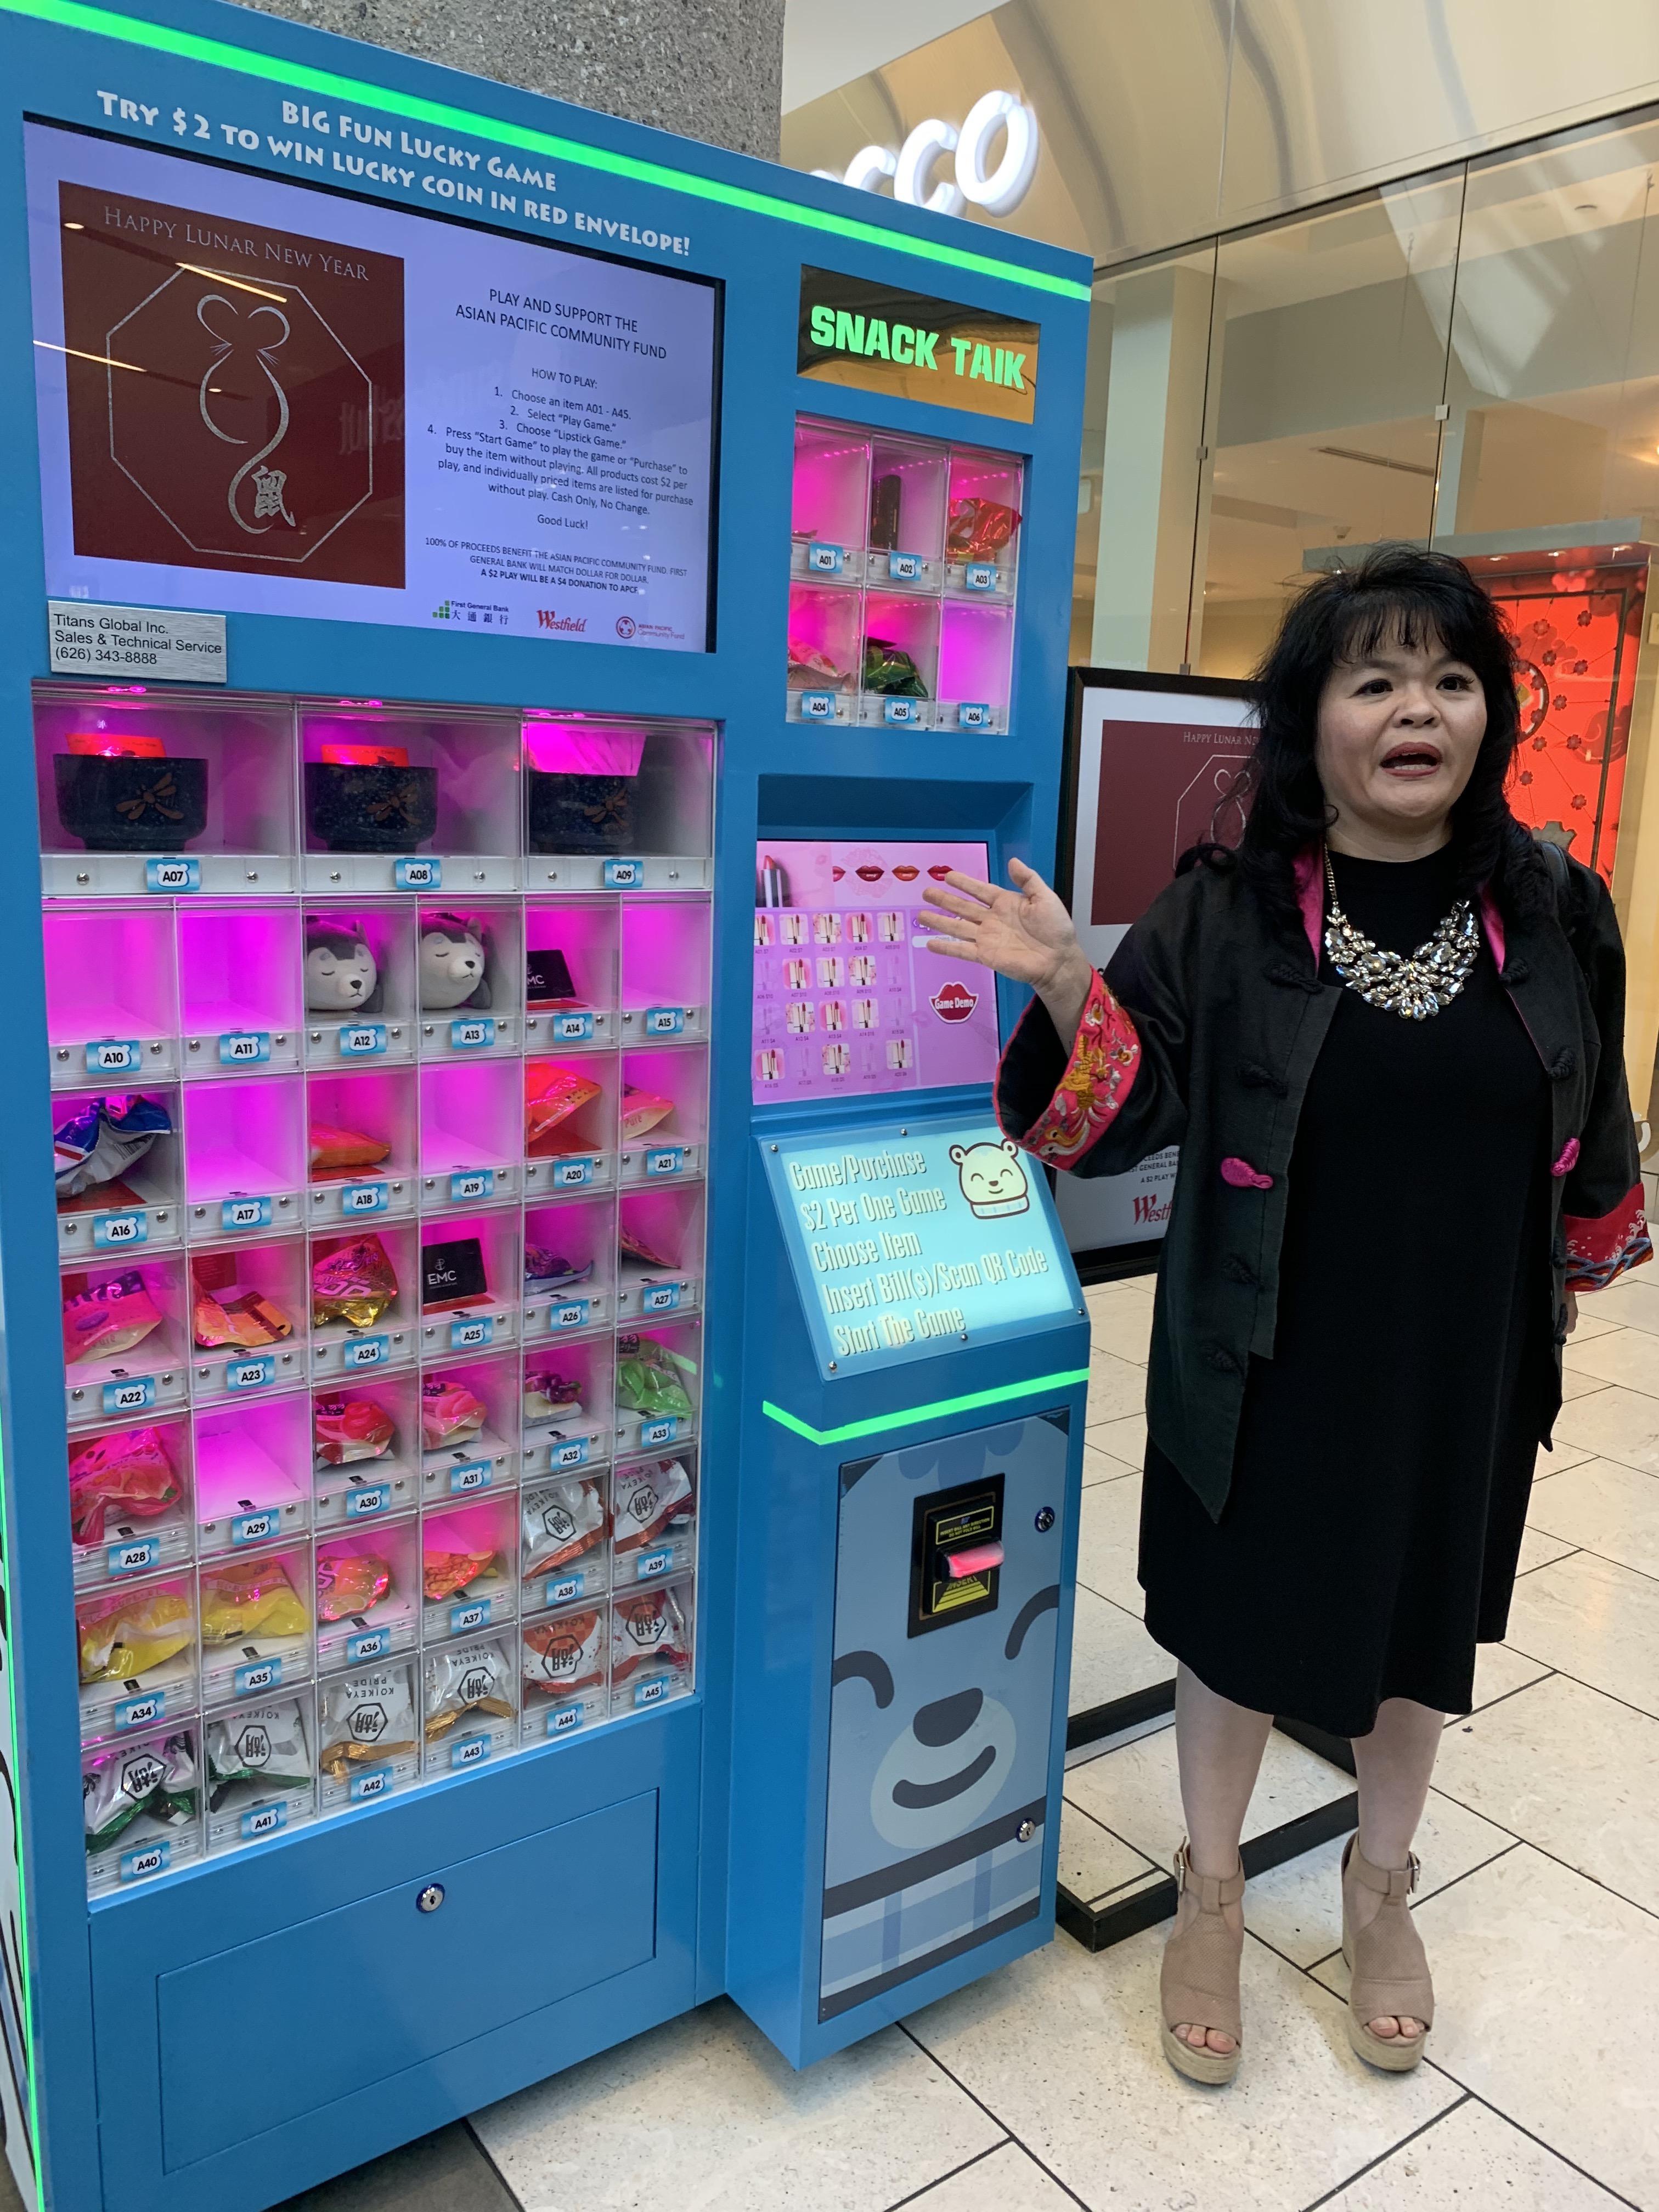 亞太社區基金會執行長黃群雁向民眾介紹特色「扭蛋機」以籌善款。記者華夏美佳攝。